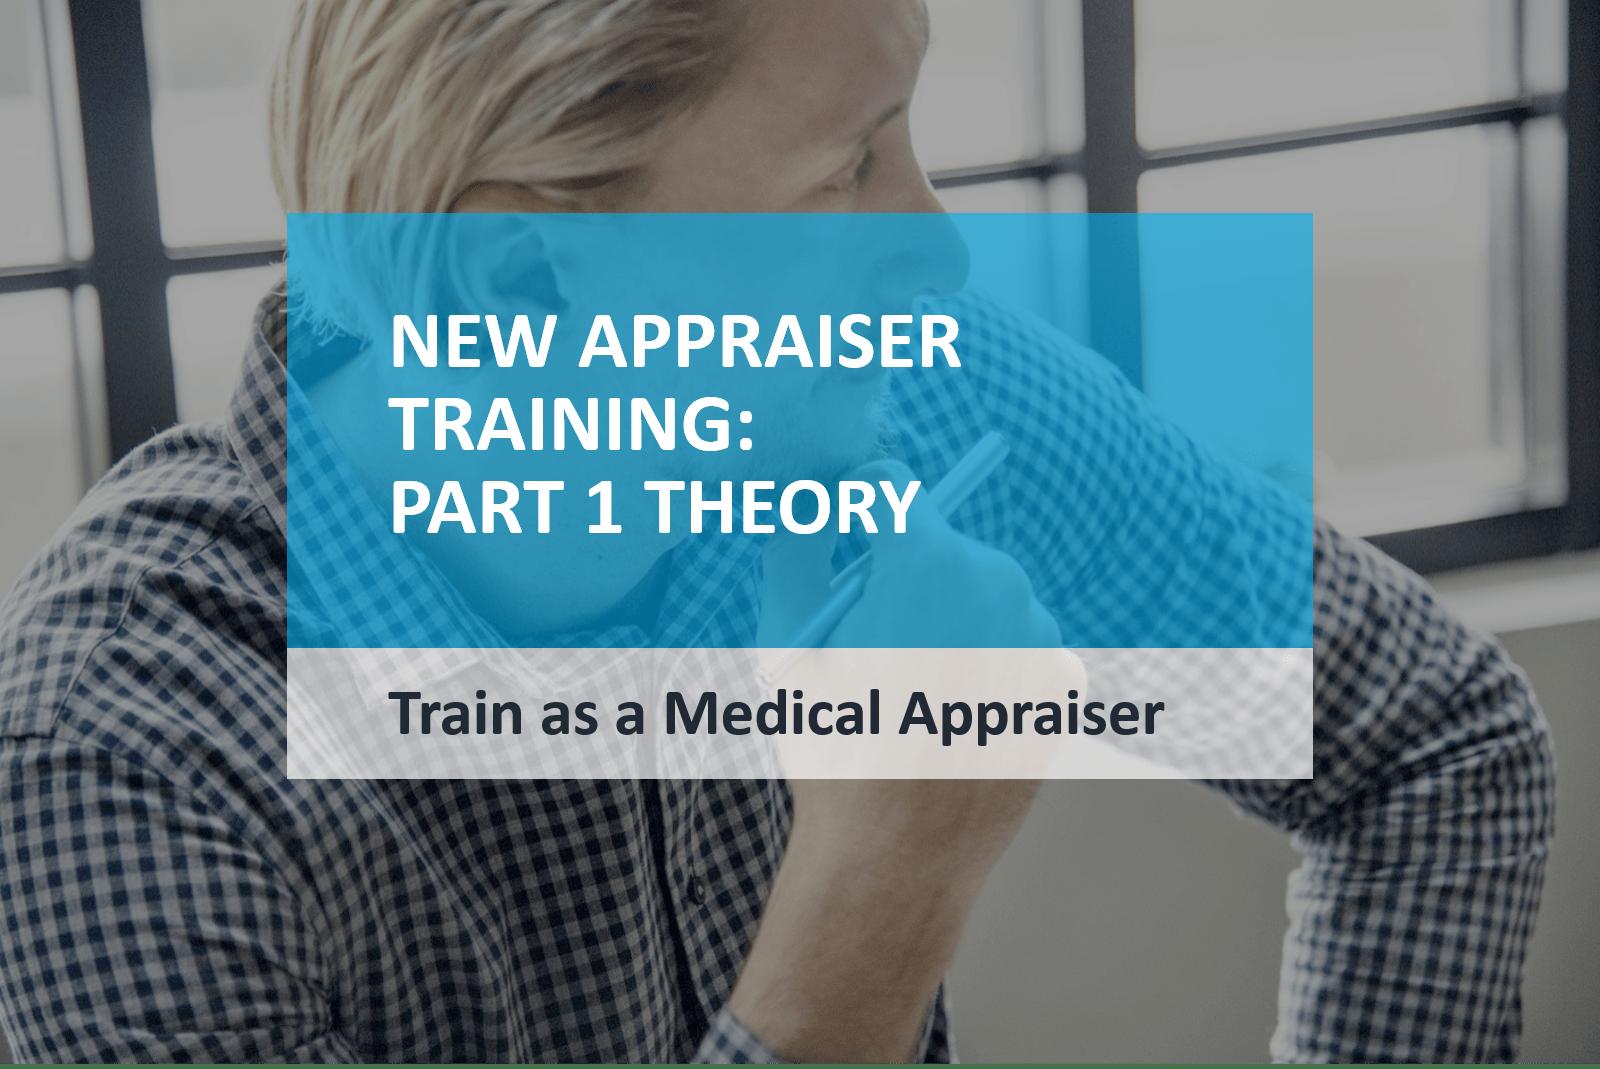 Train as a Medical Appraiser